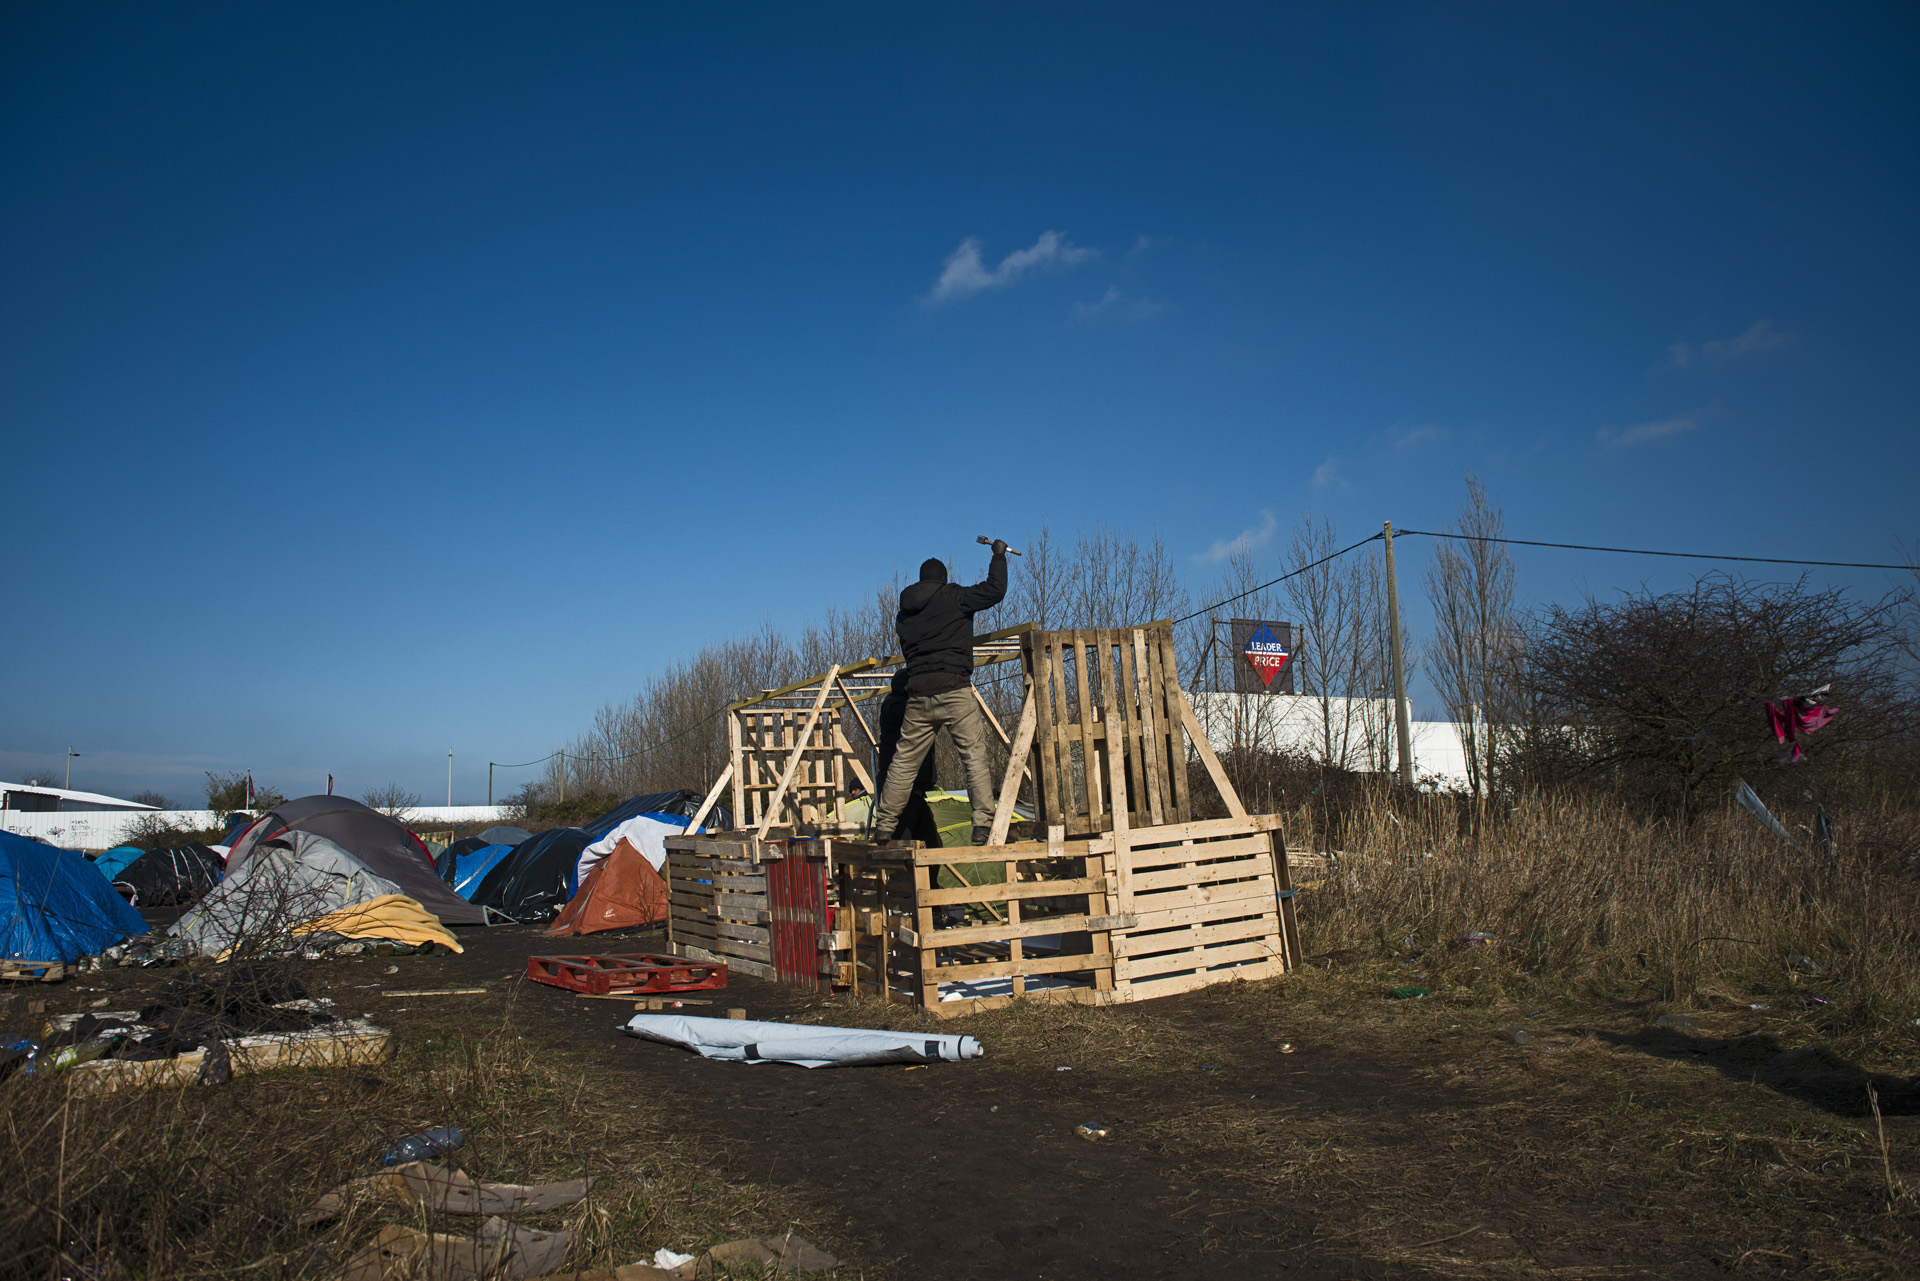 « Camp des Soudanais ».  A la périphérie de Calais, en contre-bas de l'autoroute où transitent les camions en partance pour l'Angleterre, des dizaines de Soudanais se sont installés au plus près d'un potentiel point de passage pour l'eldorado rêvé. L'attente dure souvent plusieurs mois. L'association Médecins du Monde (MDM) fournit des matériaux de base pour permettre aux migrants de construire des abris résistants à la pluie et au froid.  d